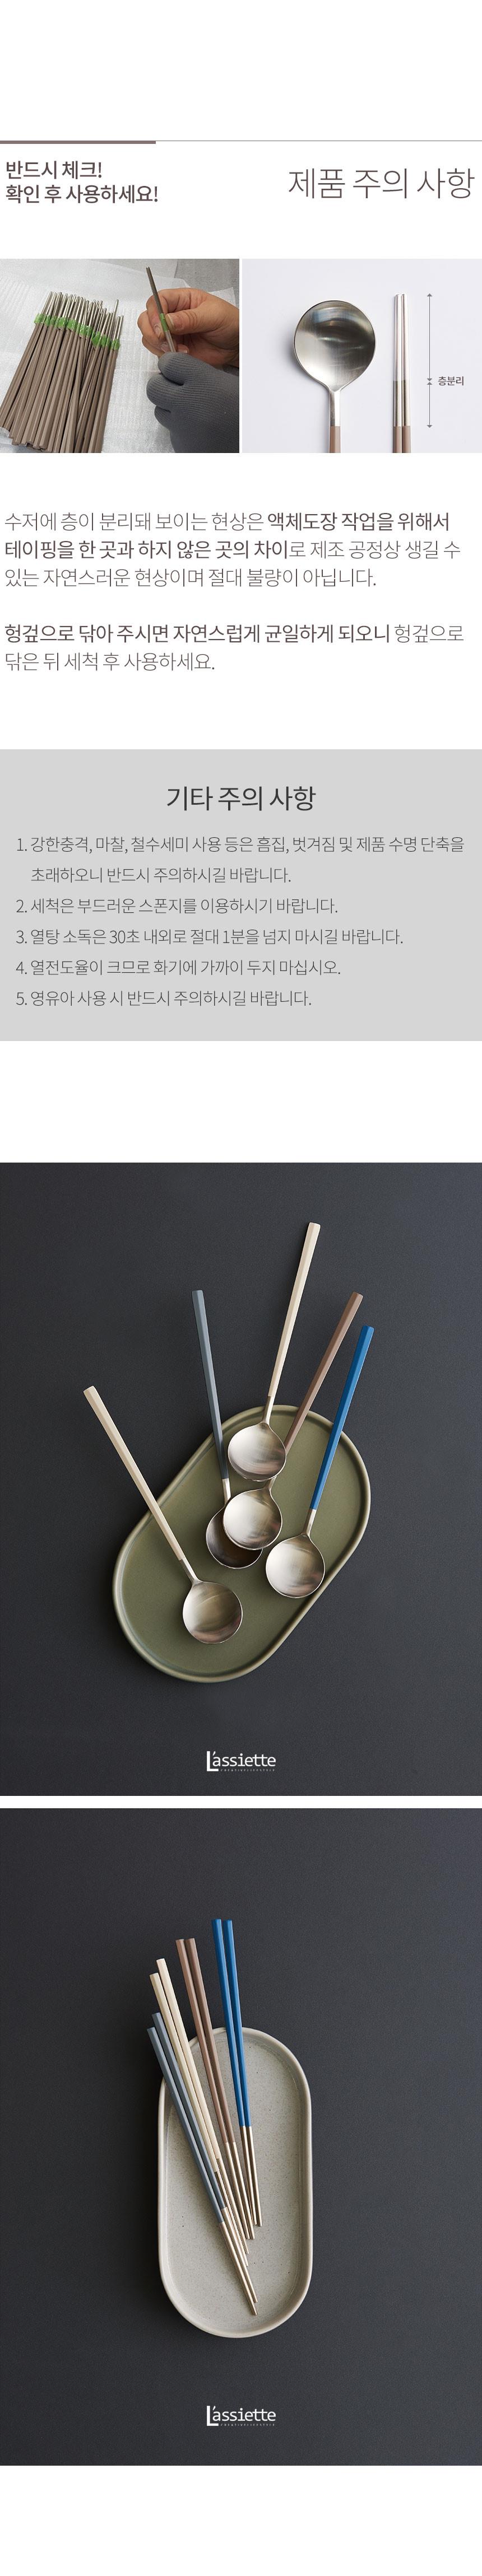 라씨에뜨 프리미엄 커트러리 마름모 이브로수저세트 - 김씨하우스, 16,600원, 숟가락/젓가락/스틱, 숟가락/젓가락 세트